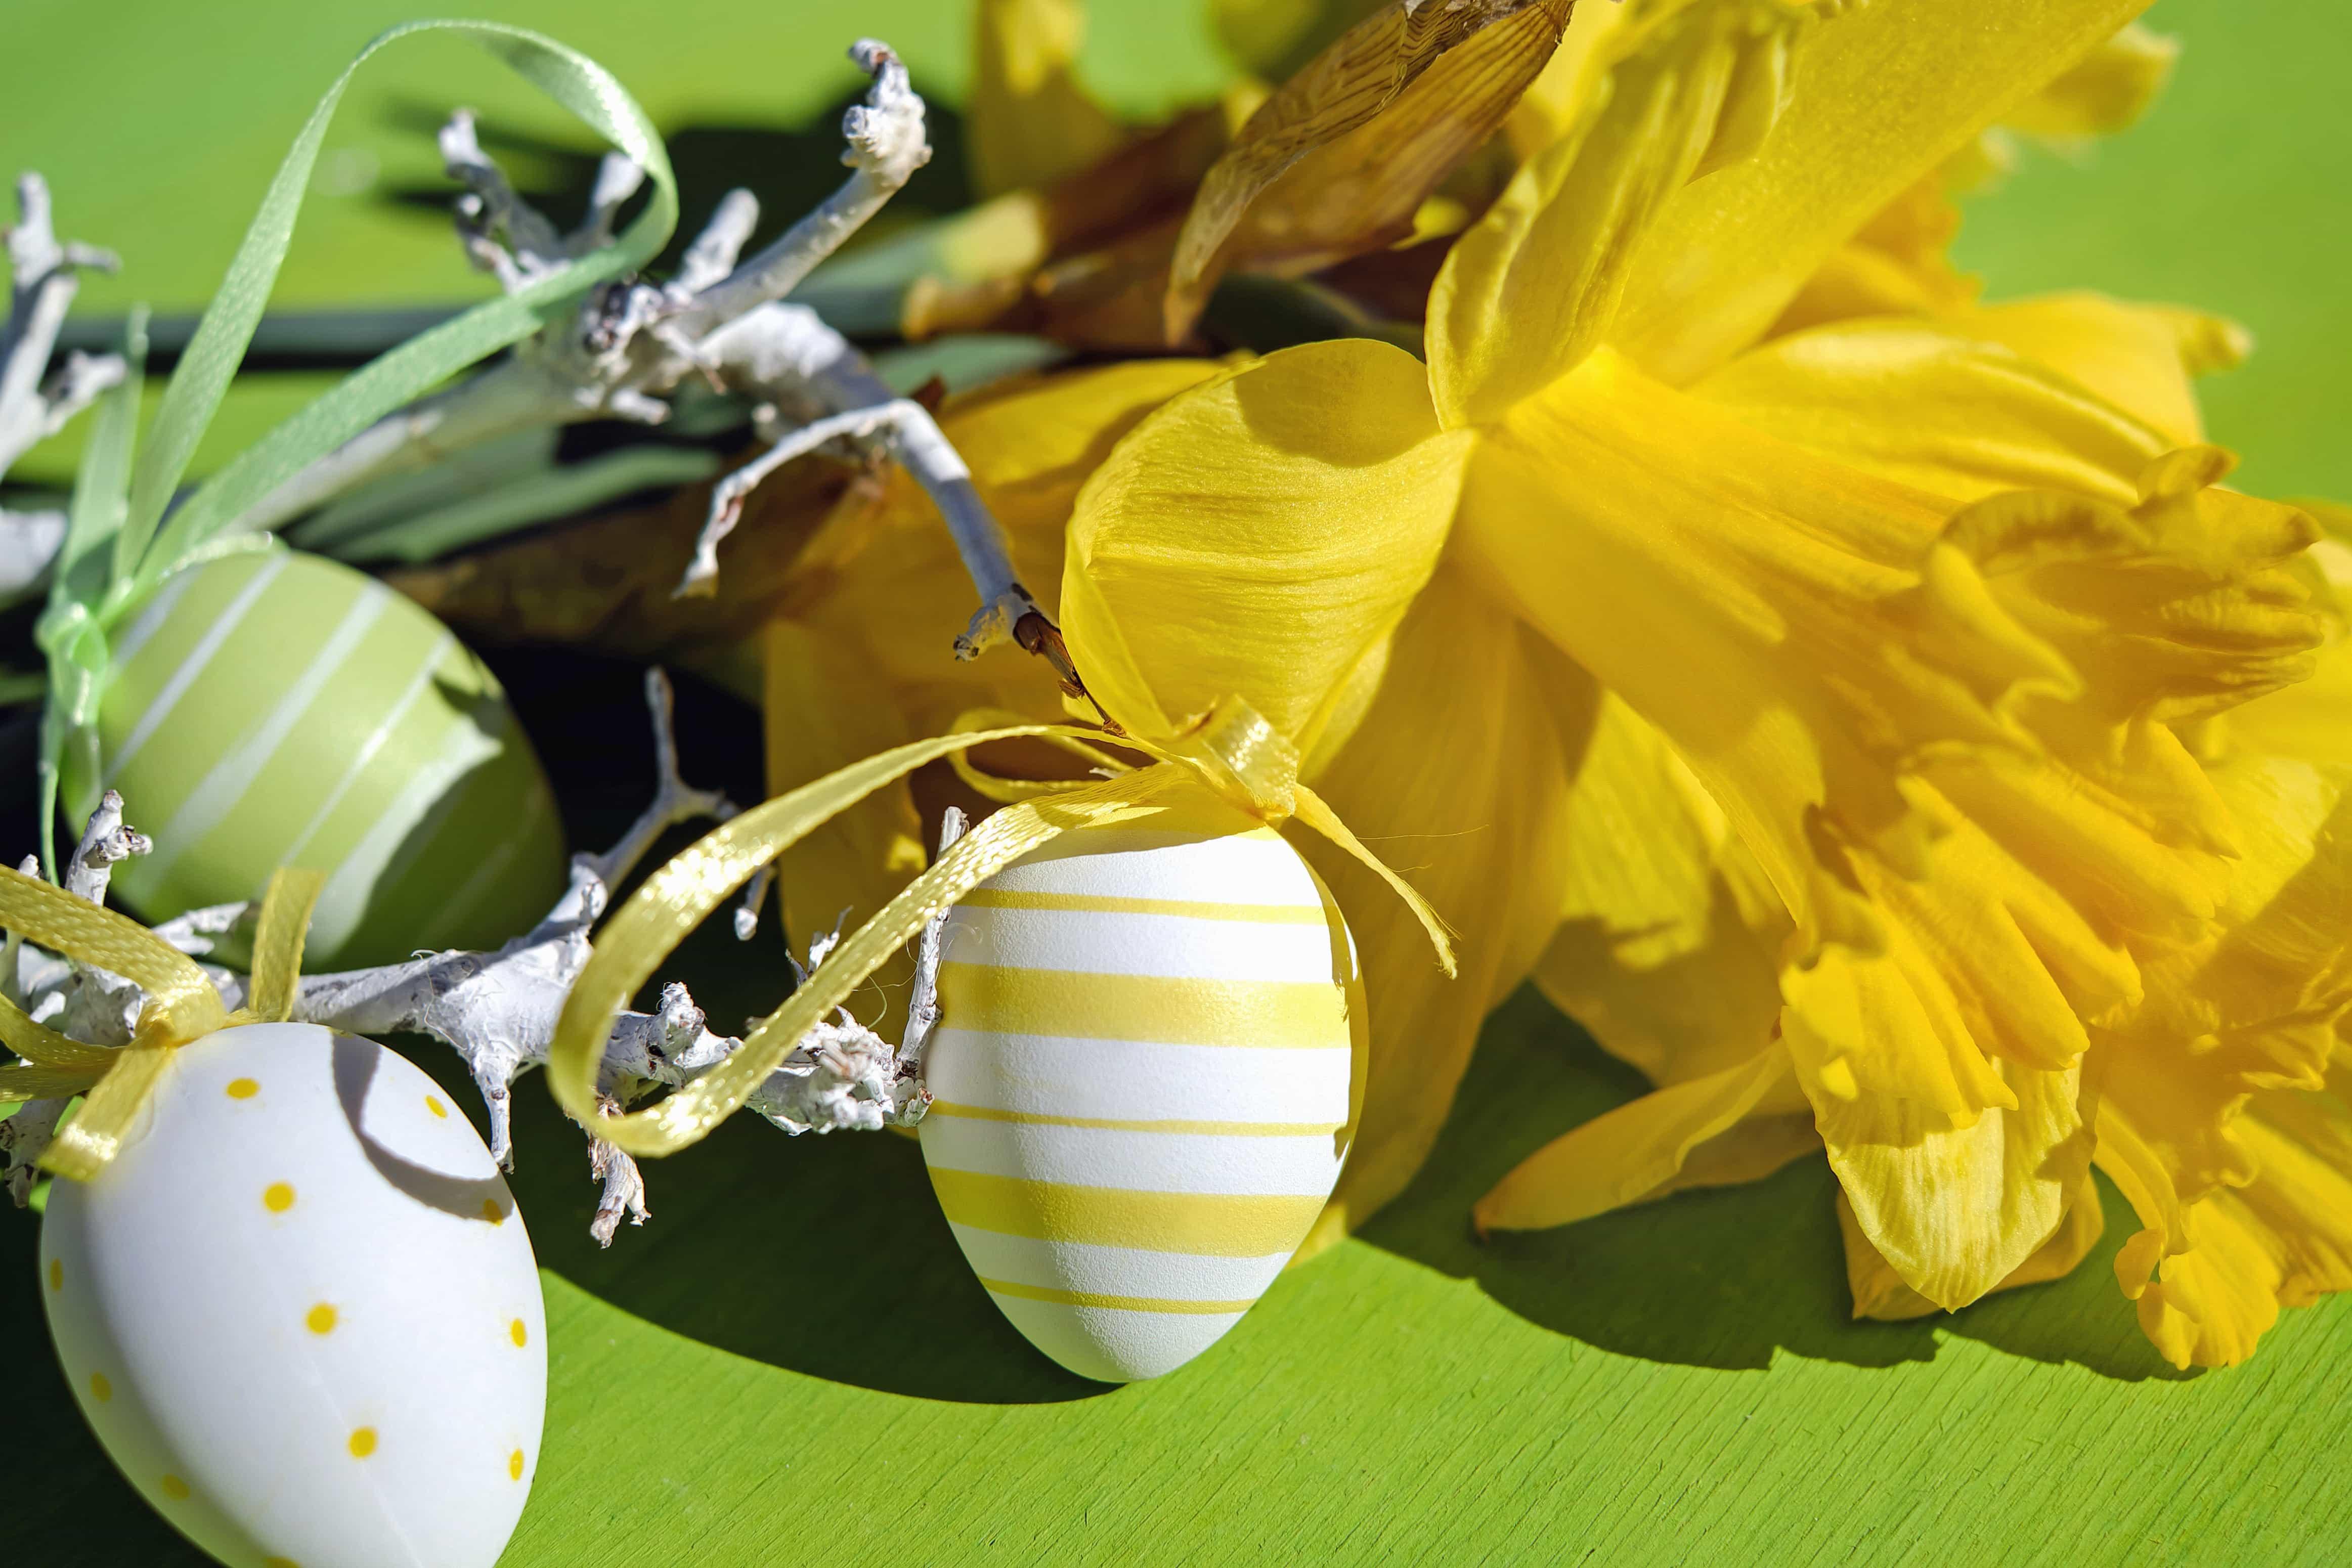 Hintergrundbilder Kostenlos Ostern kostenlose bild ei dekoration bunt blüte blütenblatt schatten